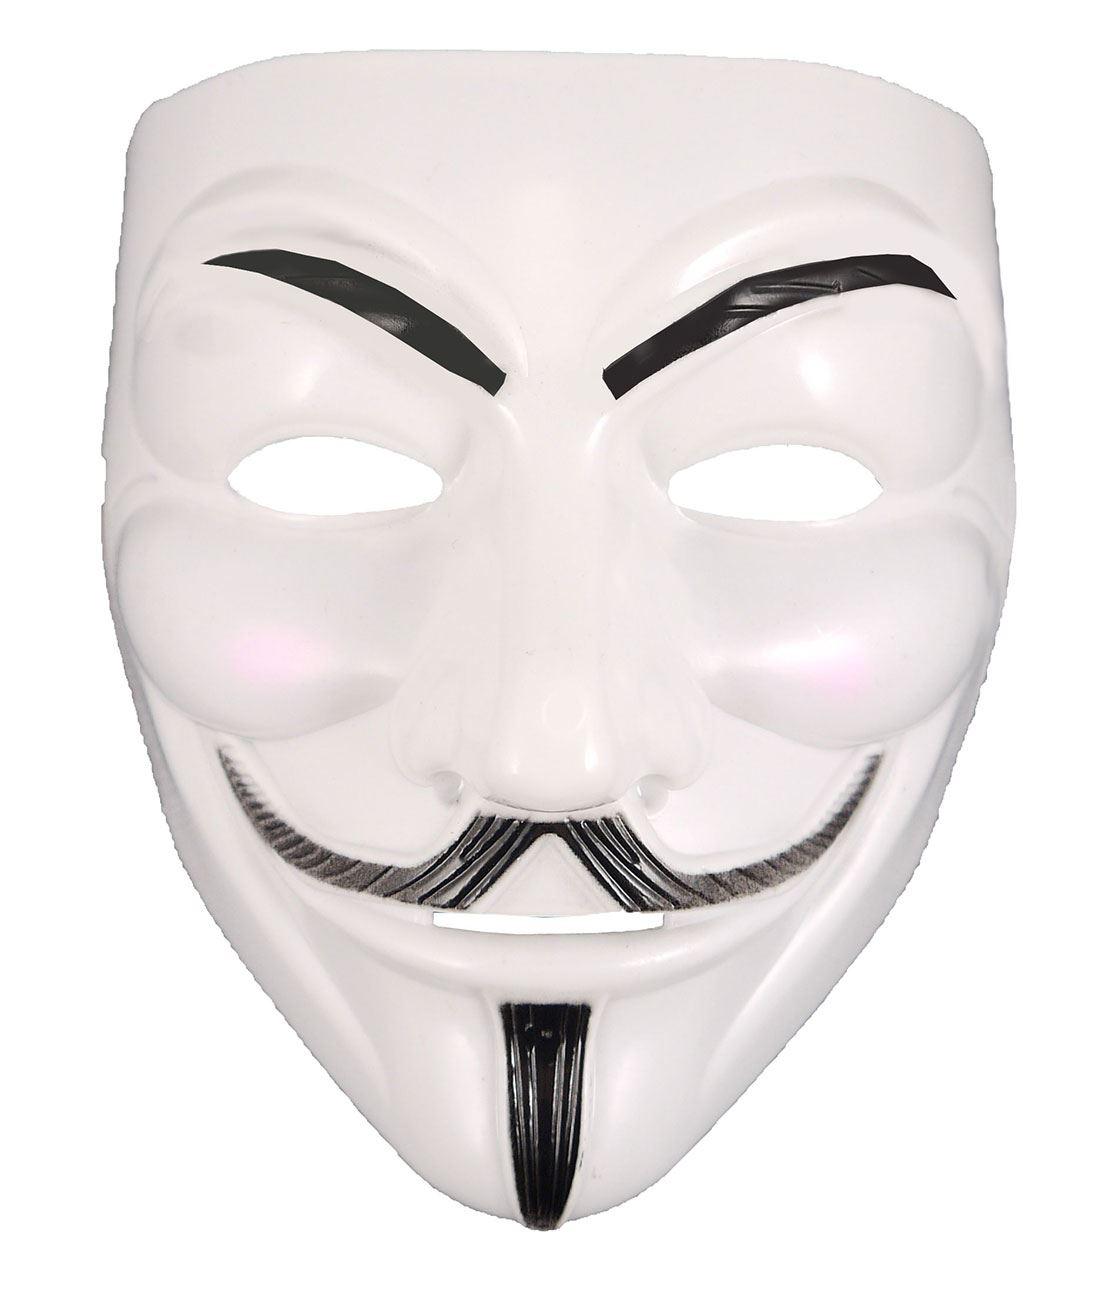 Anonymous-Vendetta-Mascara-Facial-Hacker-Hombre-Adultos-Disfraces-Fiesta-Halloween-Accesorio